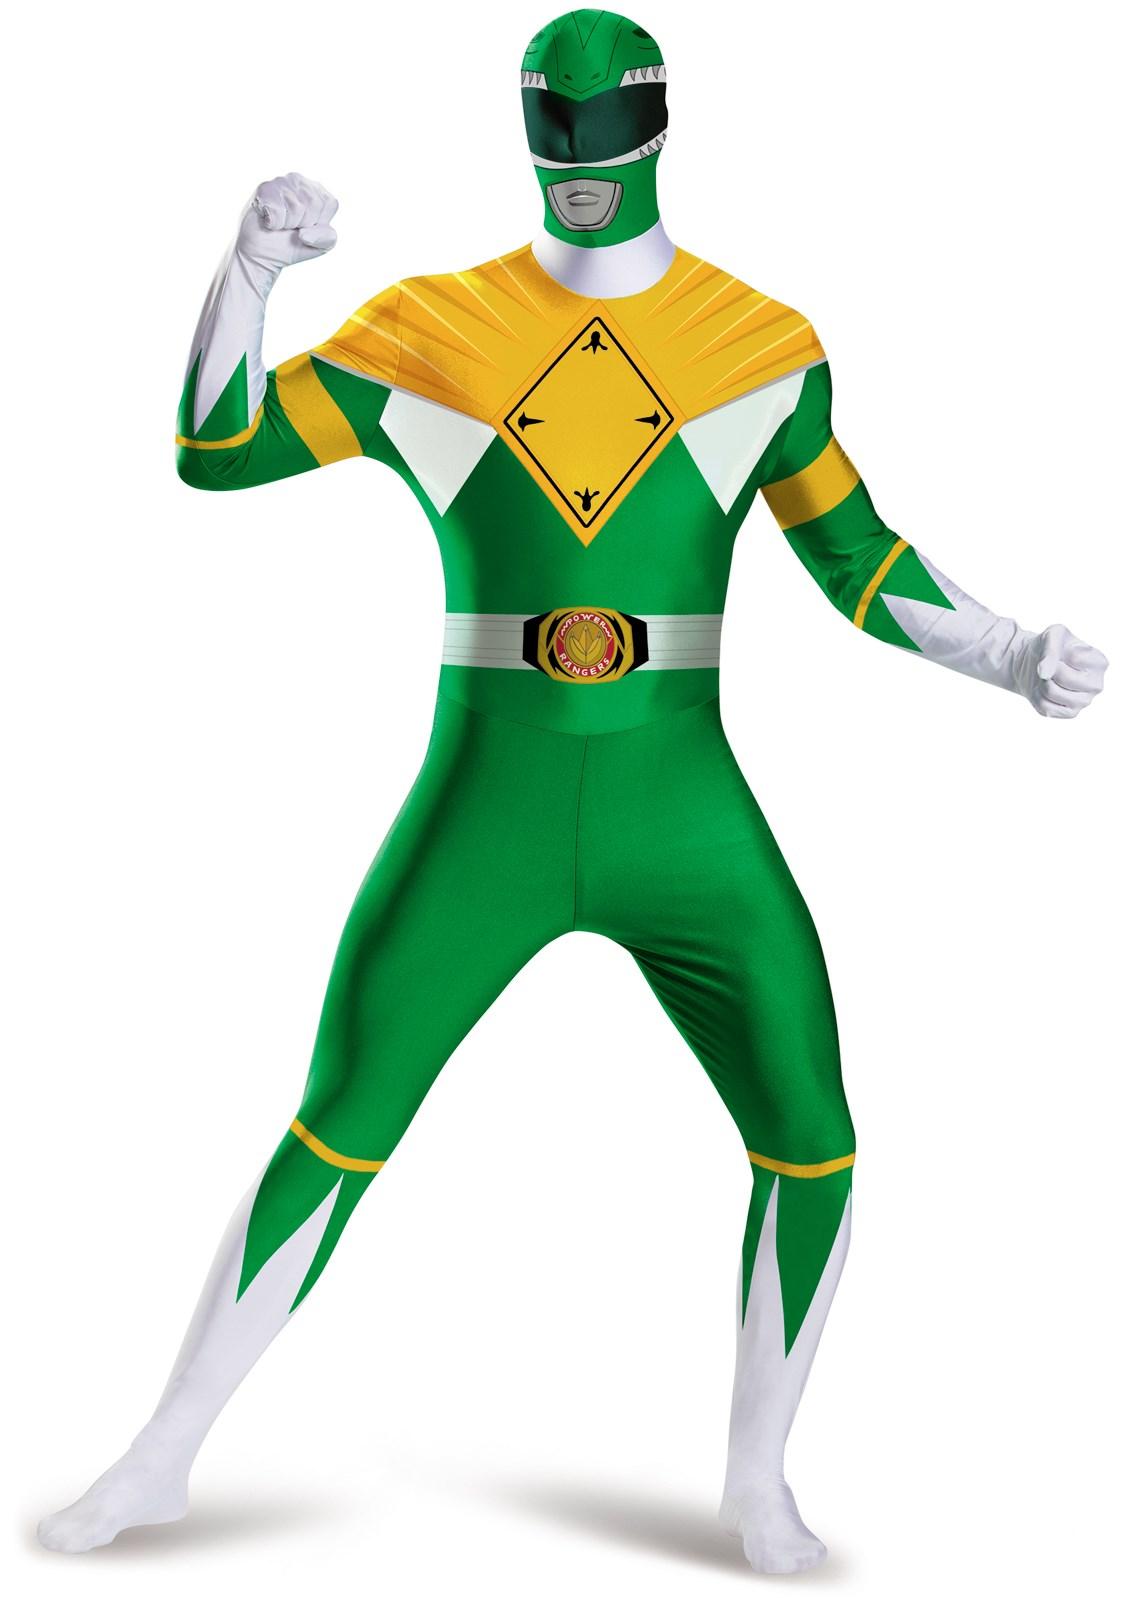 Mighty Morphin Power Rangers: Green Ranger Bodysuit Costume For Men